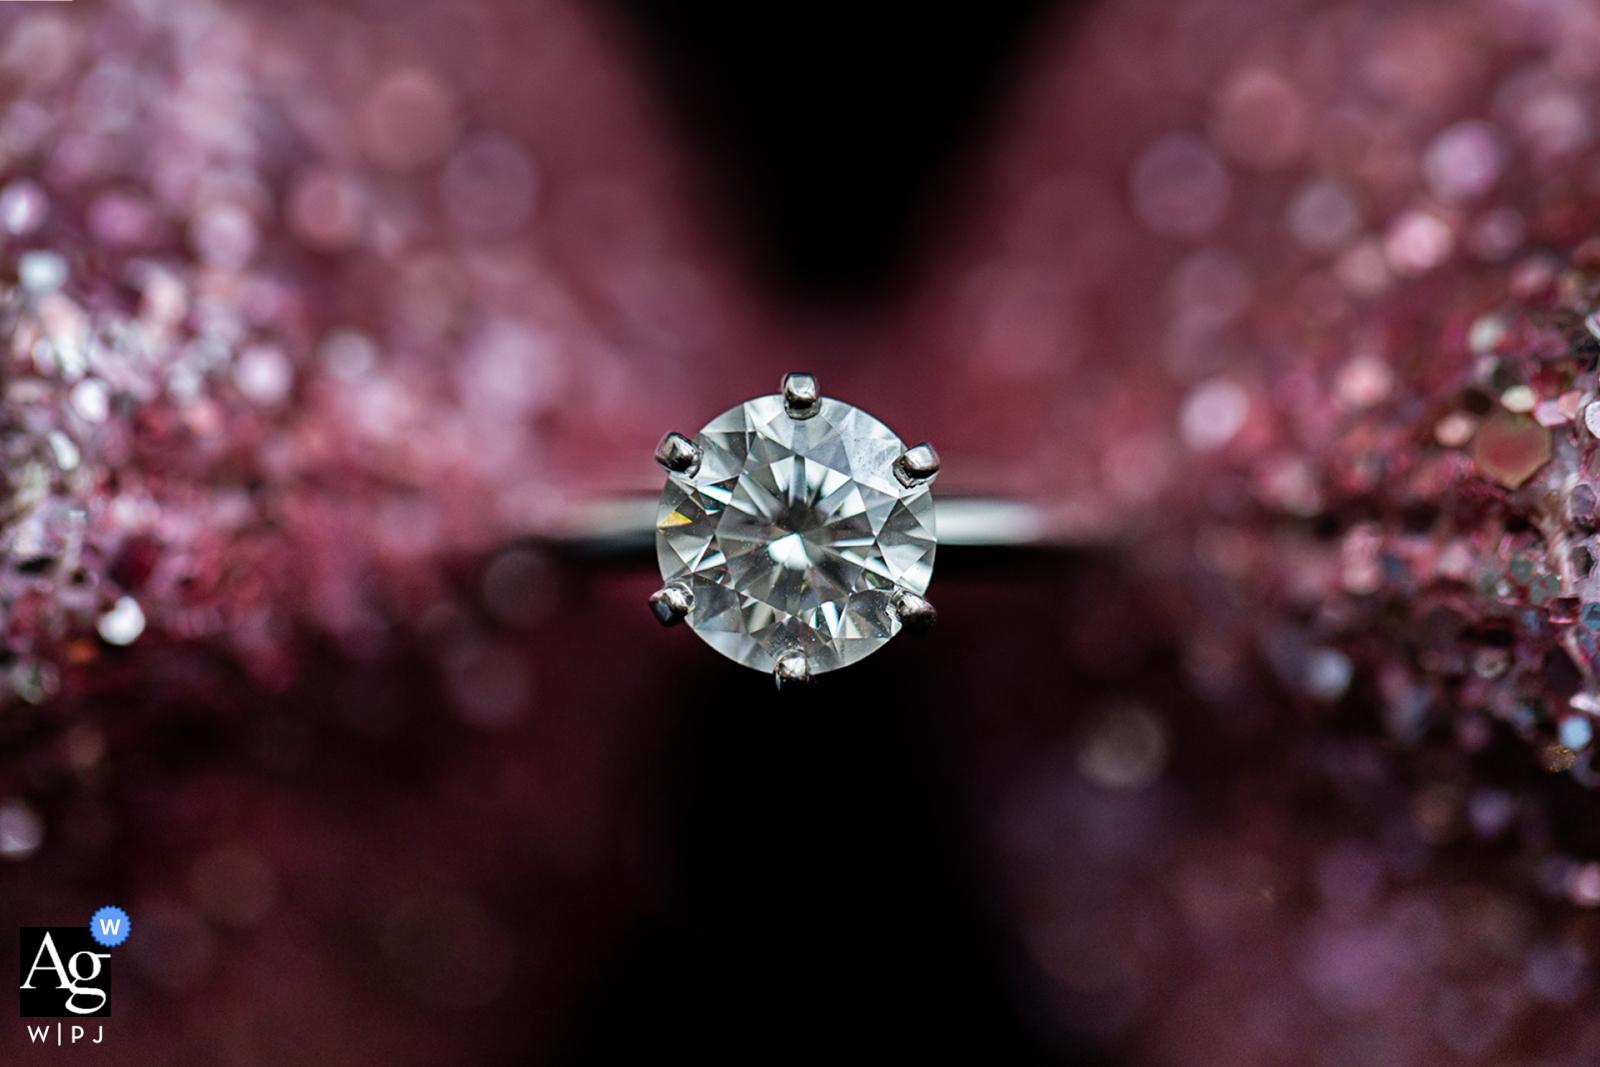 Shandong-Hochzeitsdetailphotographie eines Ringes